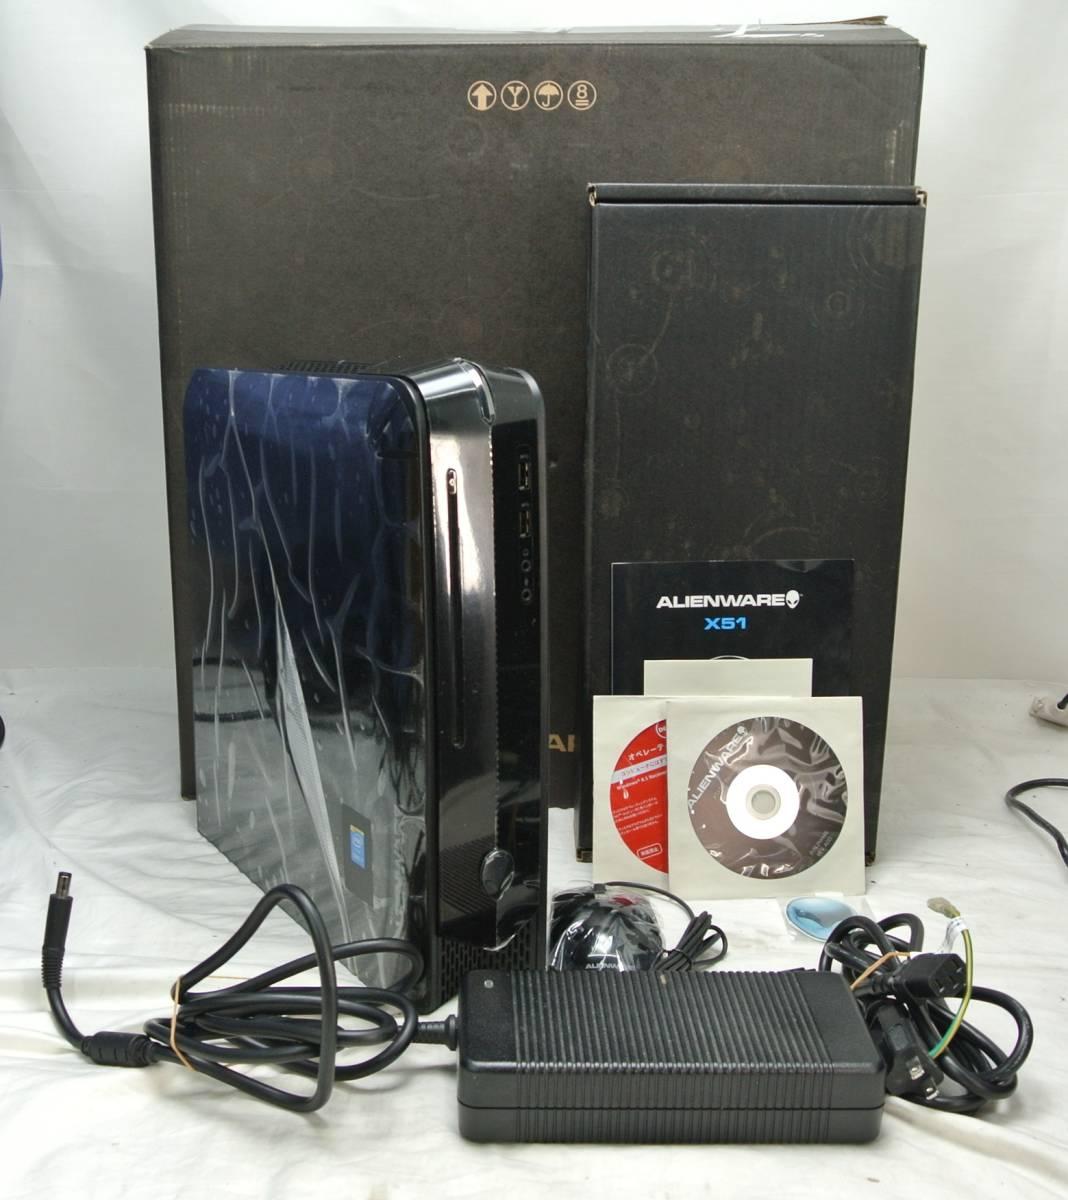 高級ゲーミングPC DELL ALIENWARE X51 R2/i7-4790K GTX750 Fortnite/SSD480G/Office2019/Fortnite/PCゲーム・動画映像編集、フォートナイト_画像10